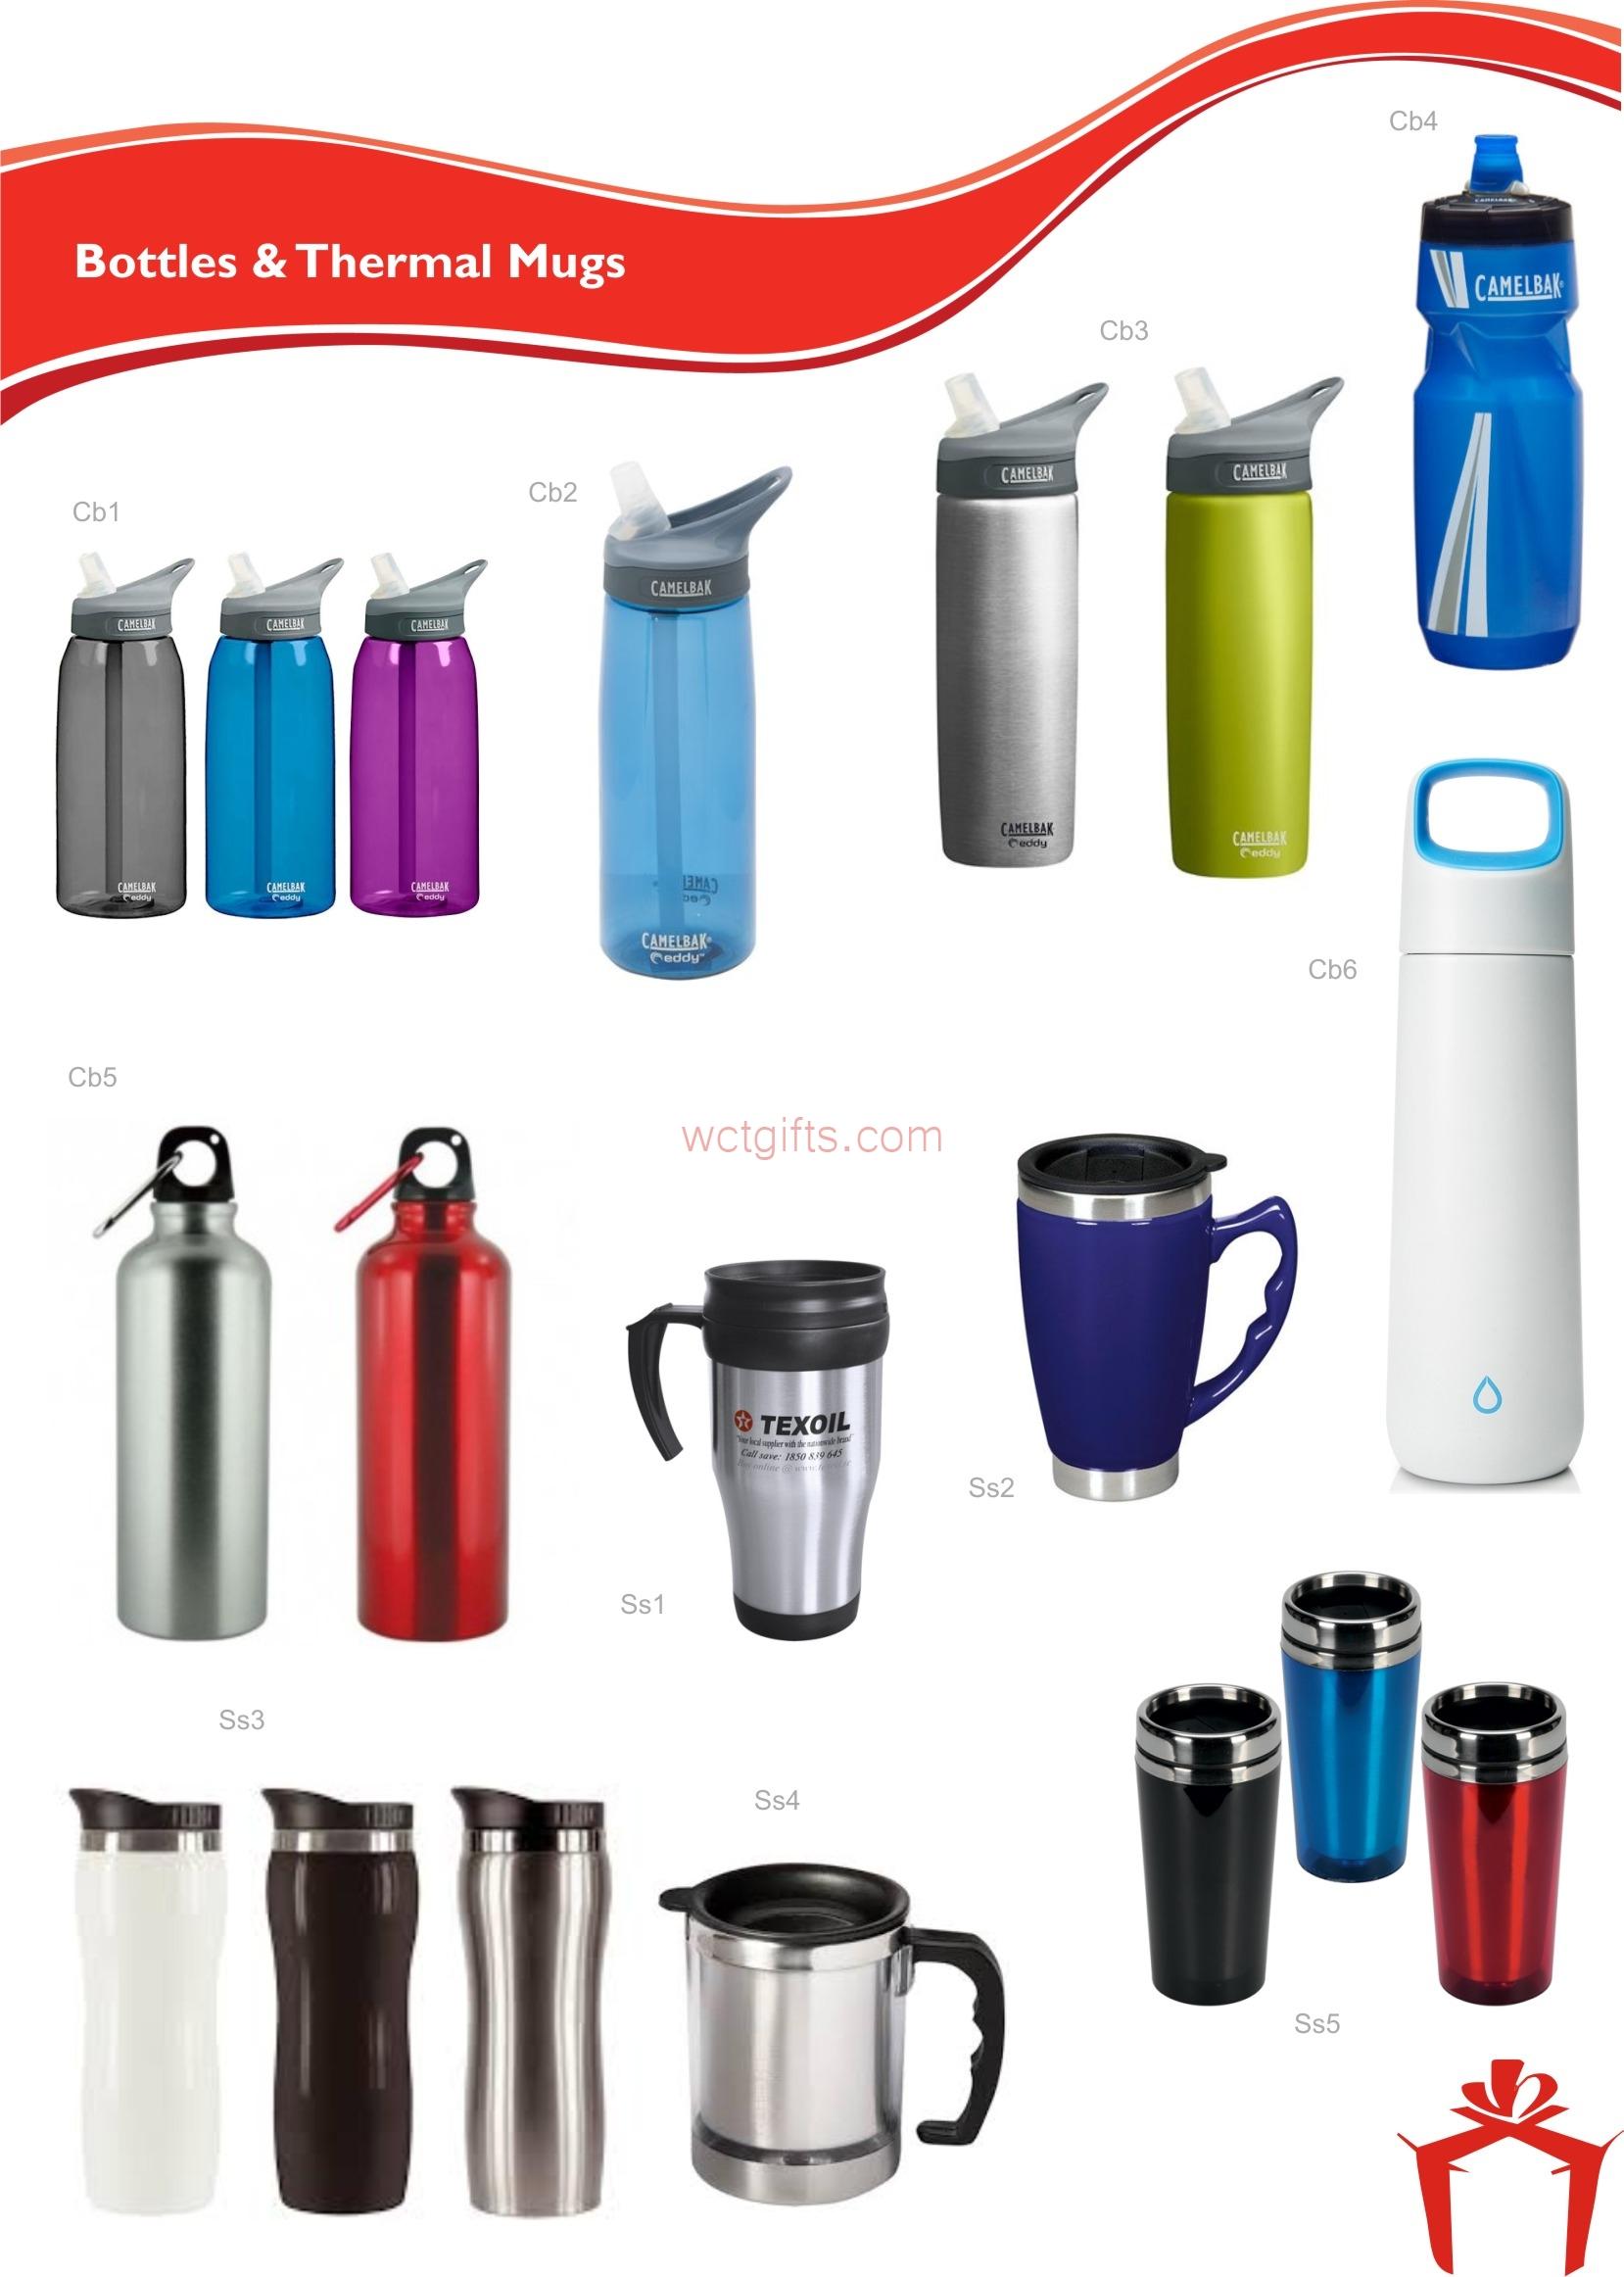 Bottles & Thermal Mugs